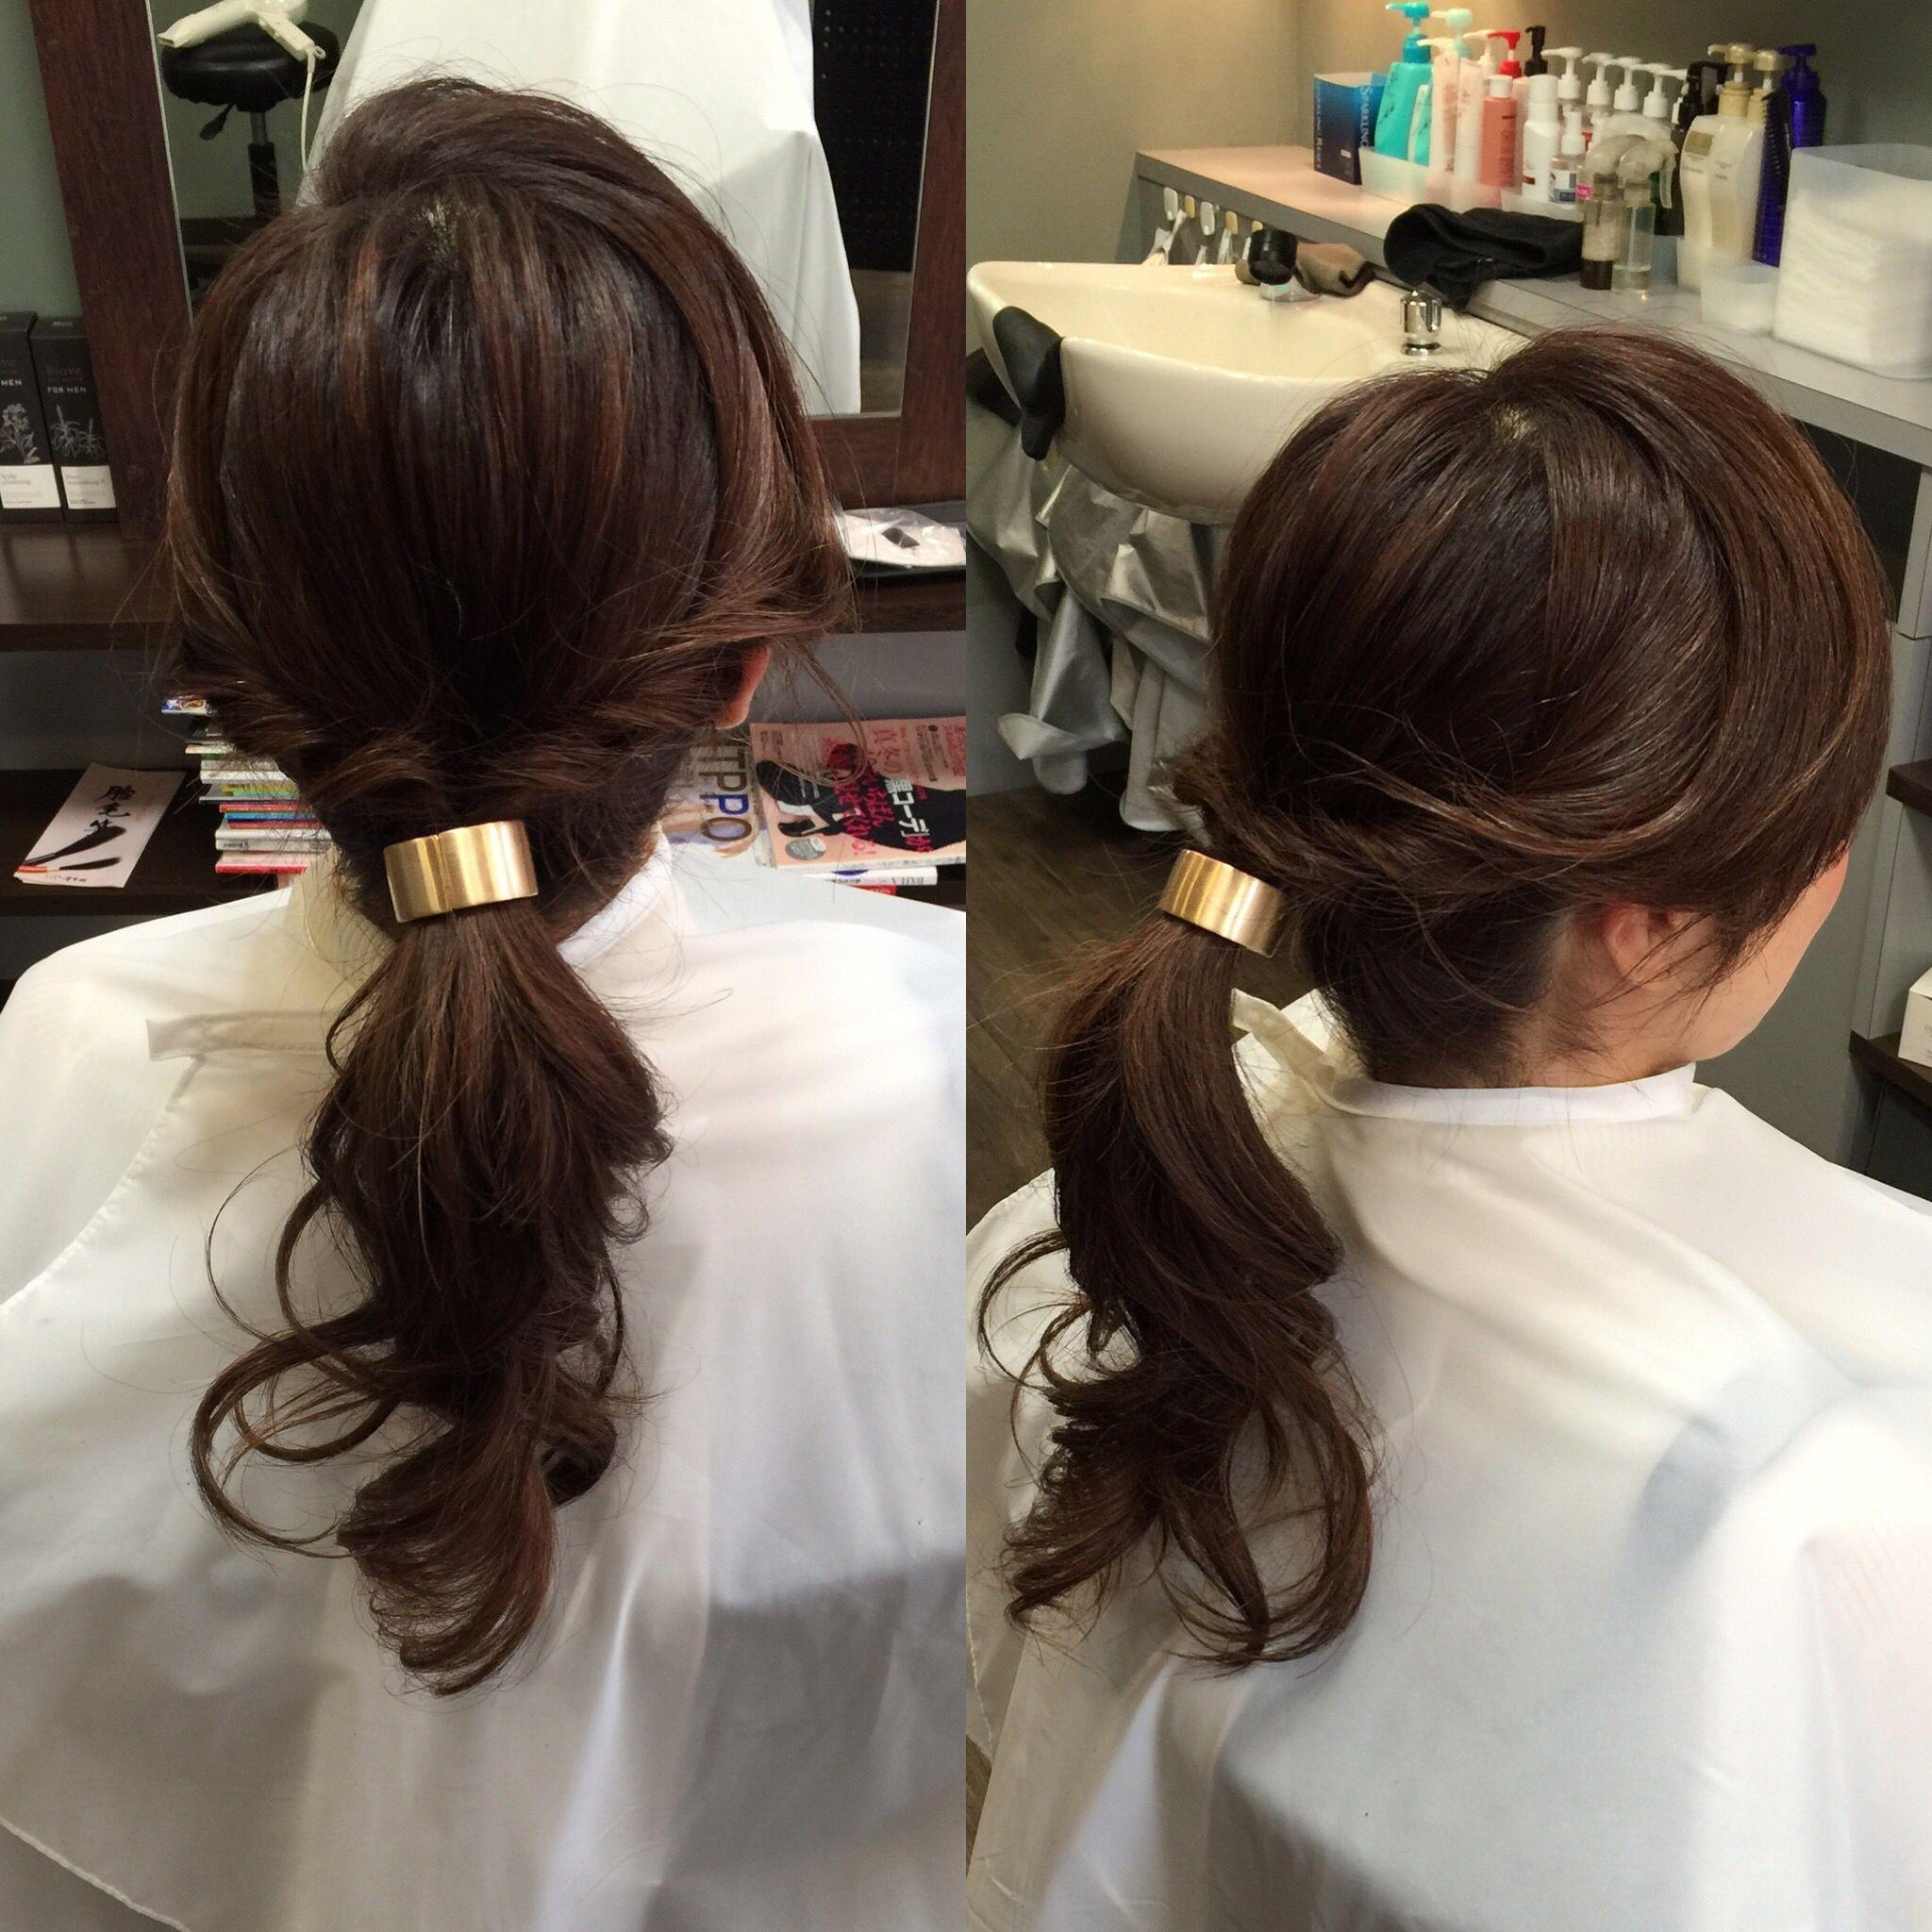 縮毛矯正 カラーリング 巻き髪 ポニーテール ヘアアクセサリー 巻き髪 ヘアアクセサリー 縮毛